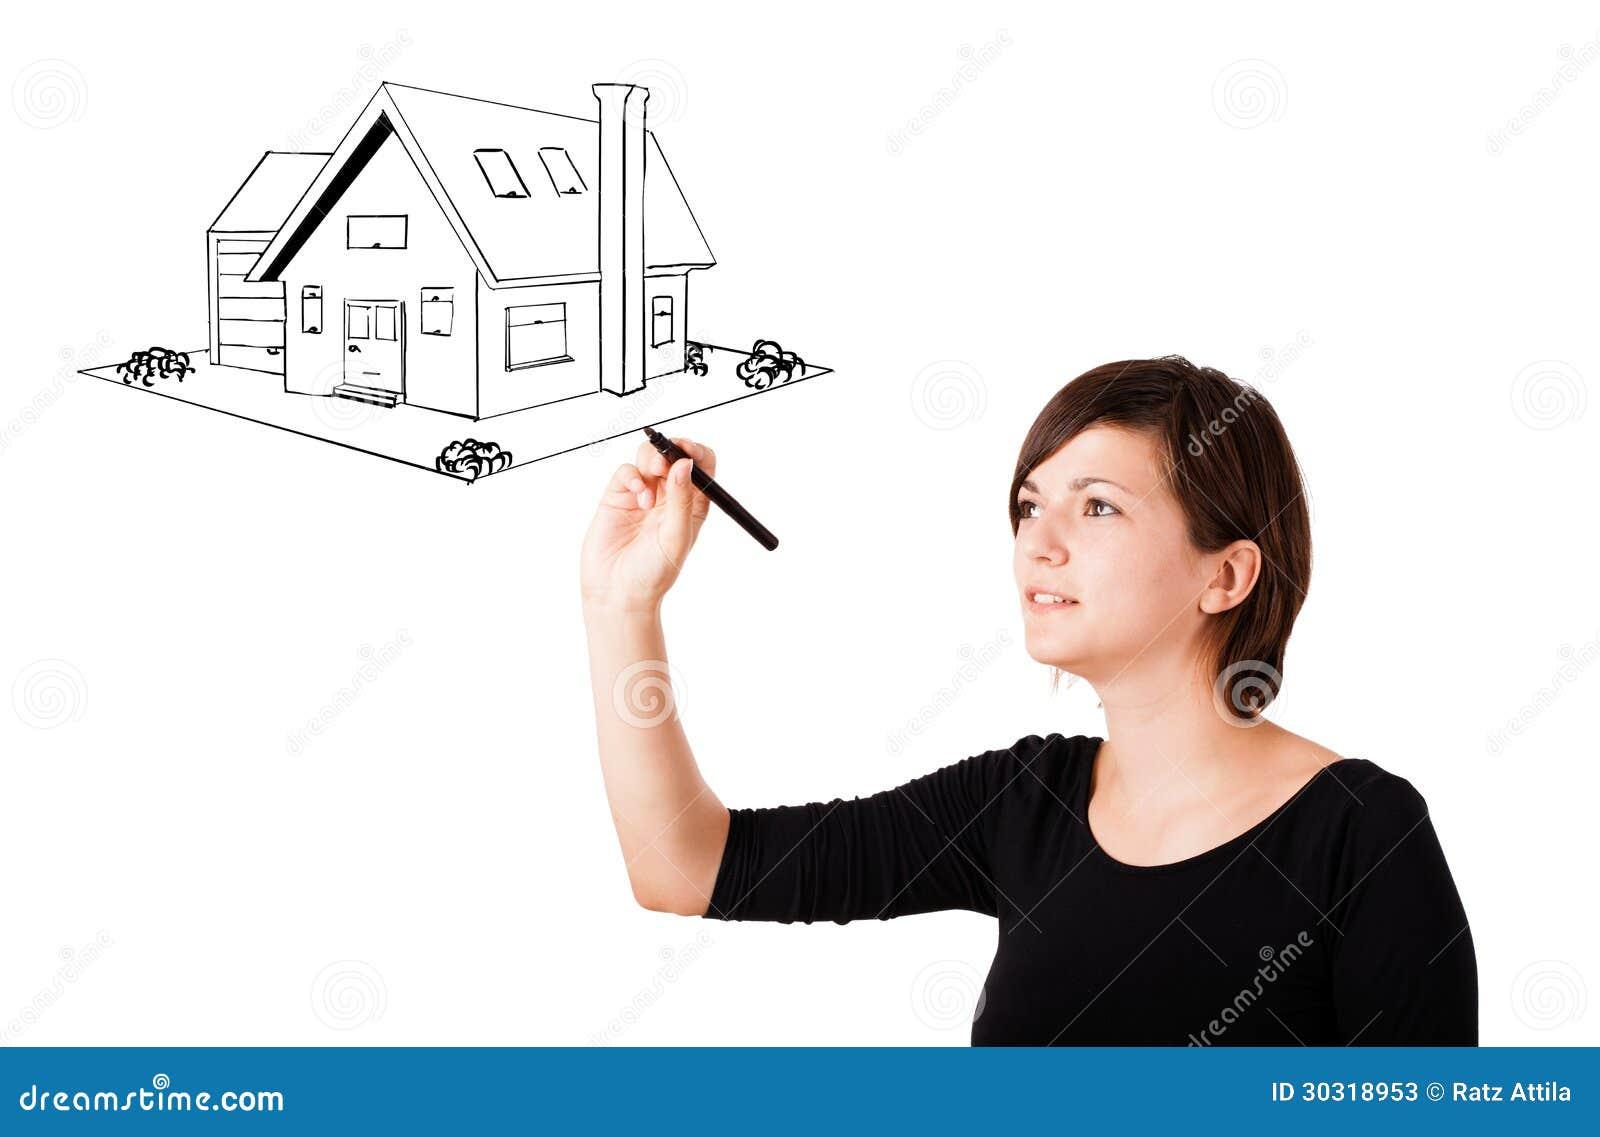 Giovane donna che disegna una casa sul whiteboard for Disegna i tuoi piani di casa gratuitamente